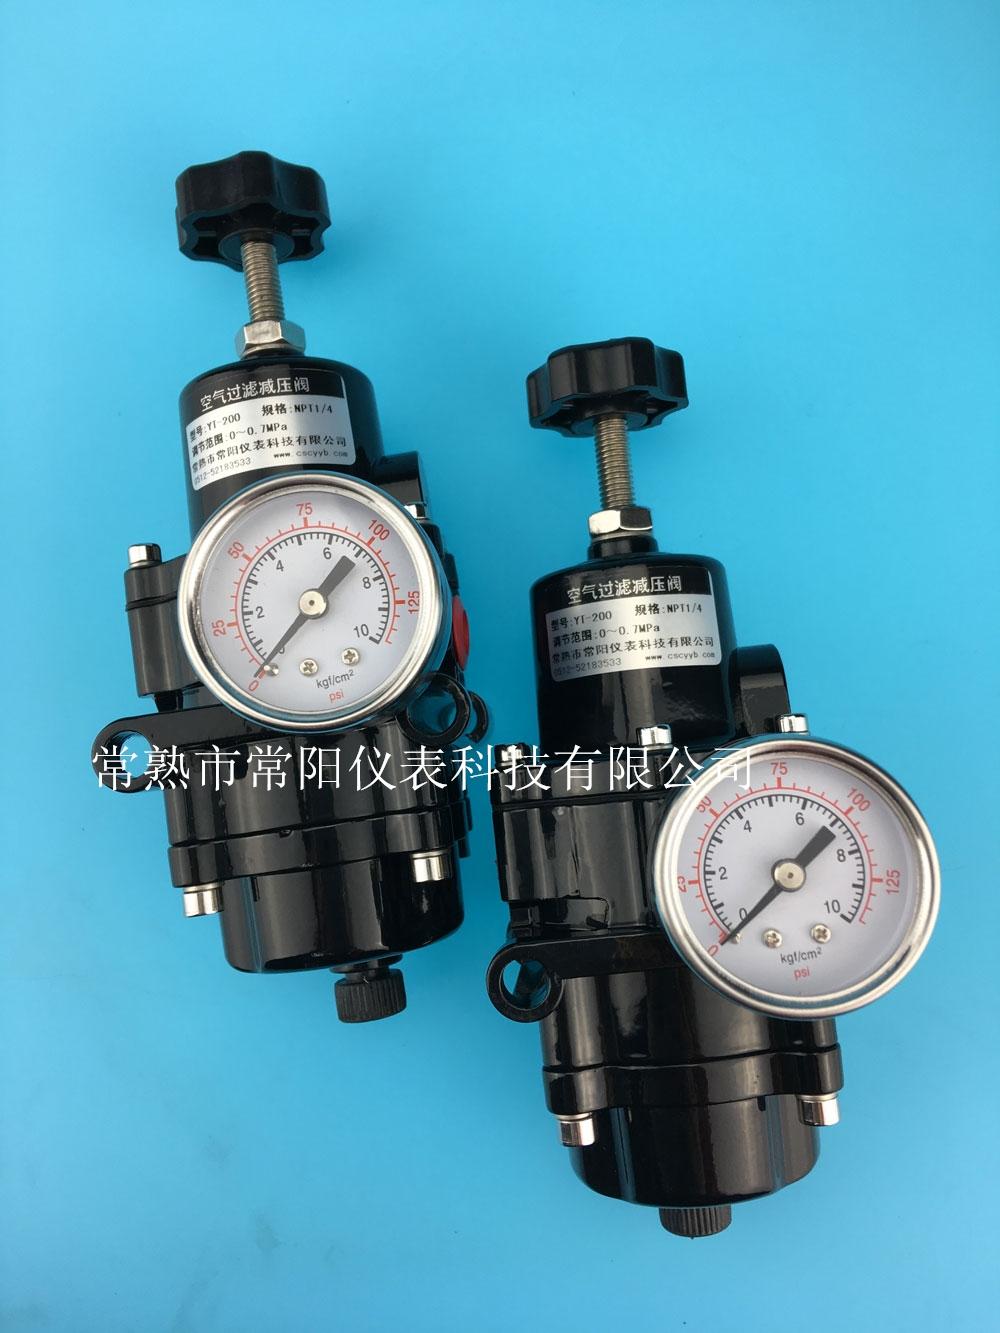 YT-200空气过滤减压阀,空气过滤减压阀,过滤减压阀